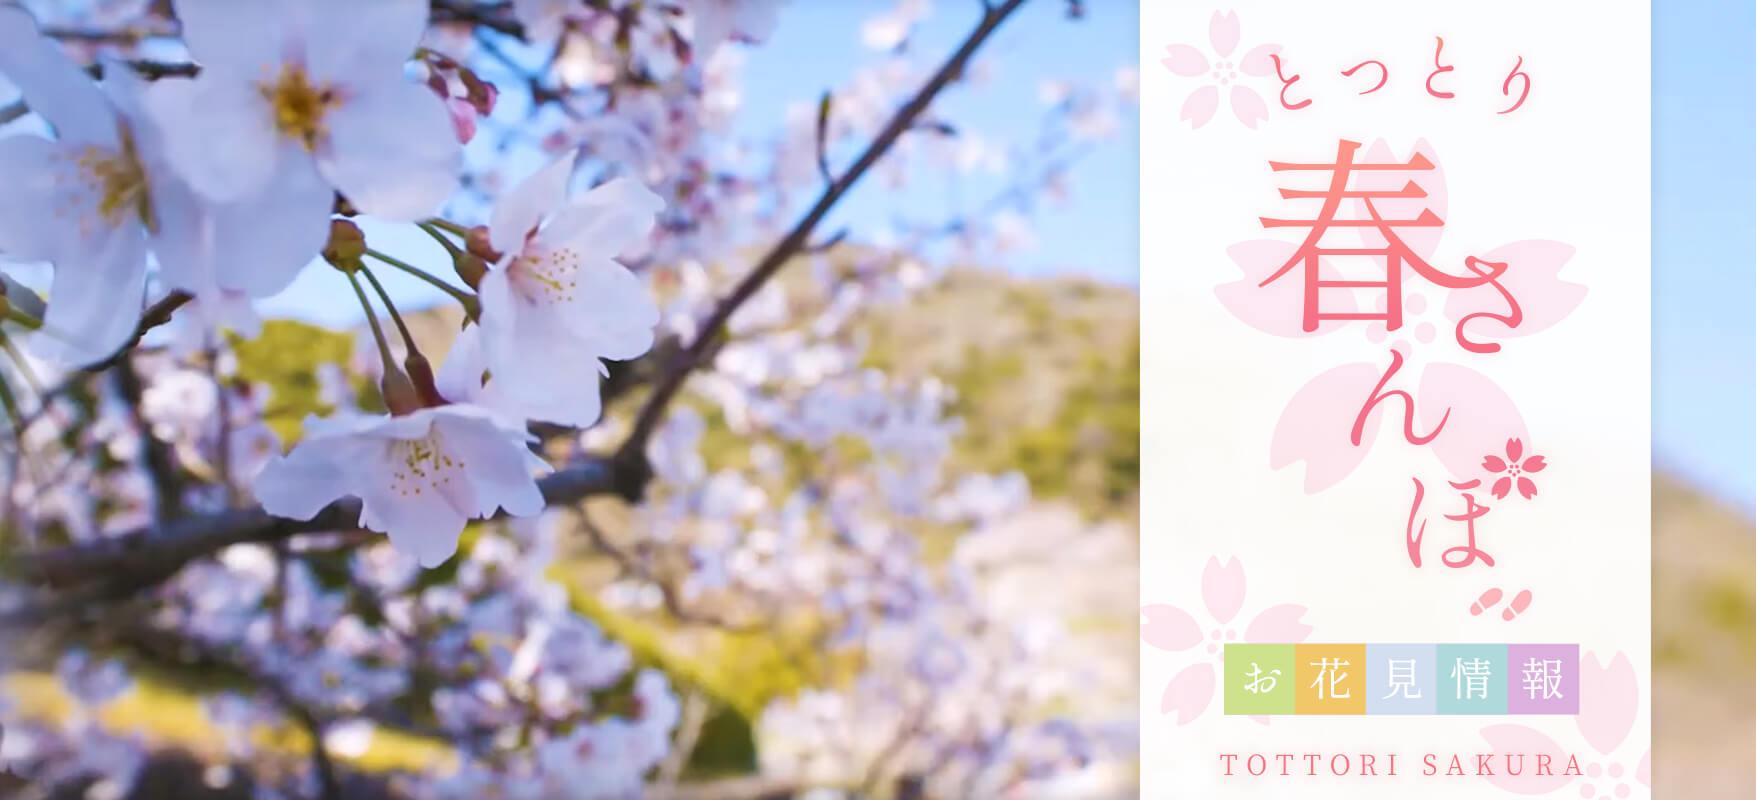 メインイメージ とっとり桜お花見特集